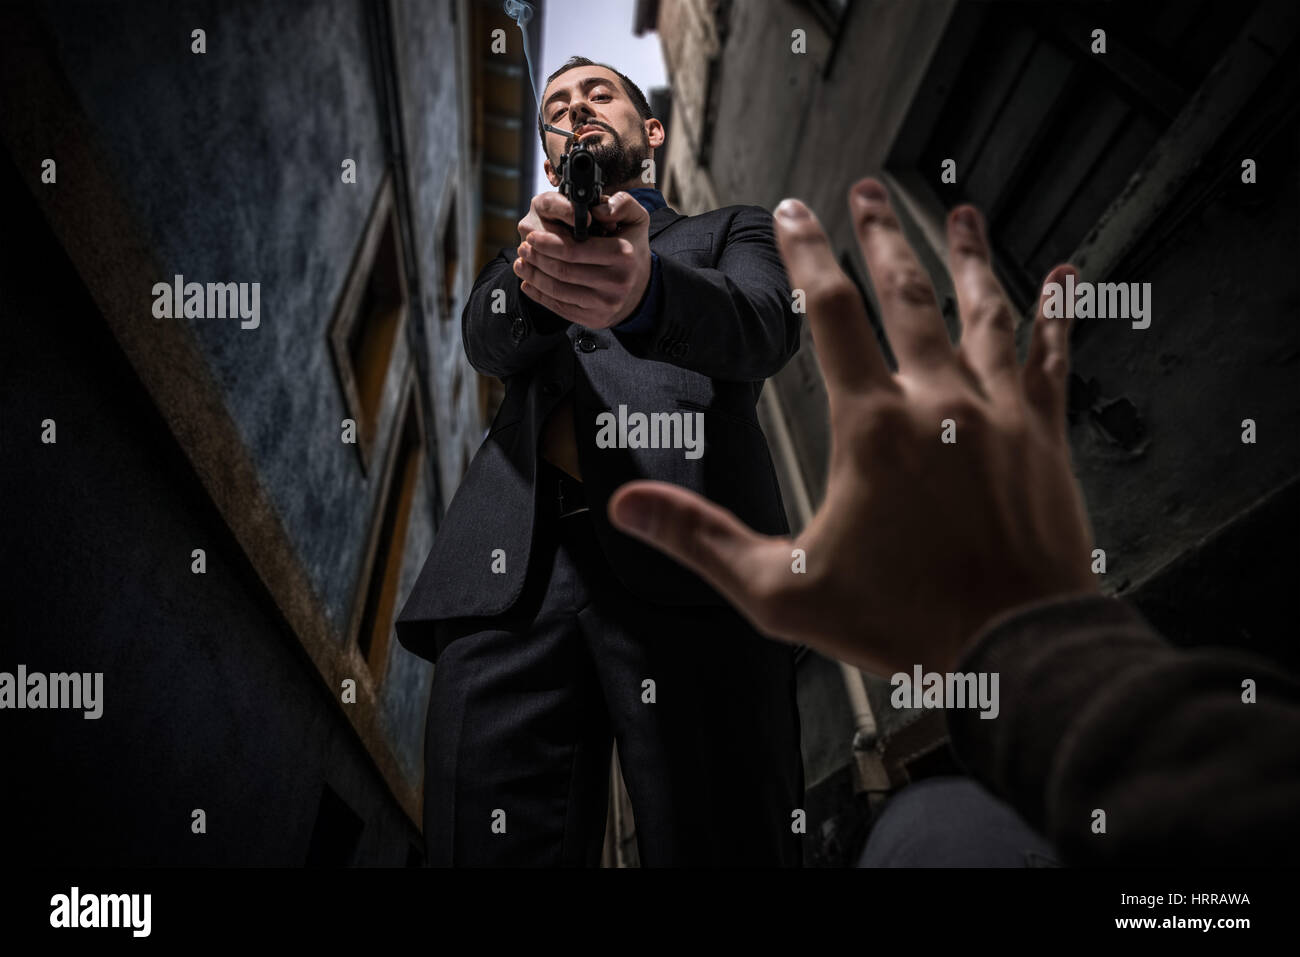 Mafia killer murdering an innocent - Stock Image